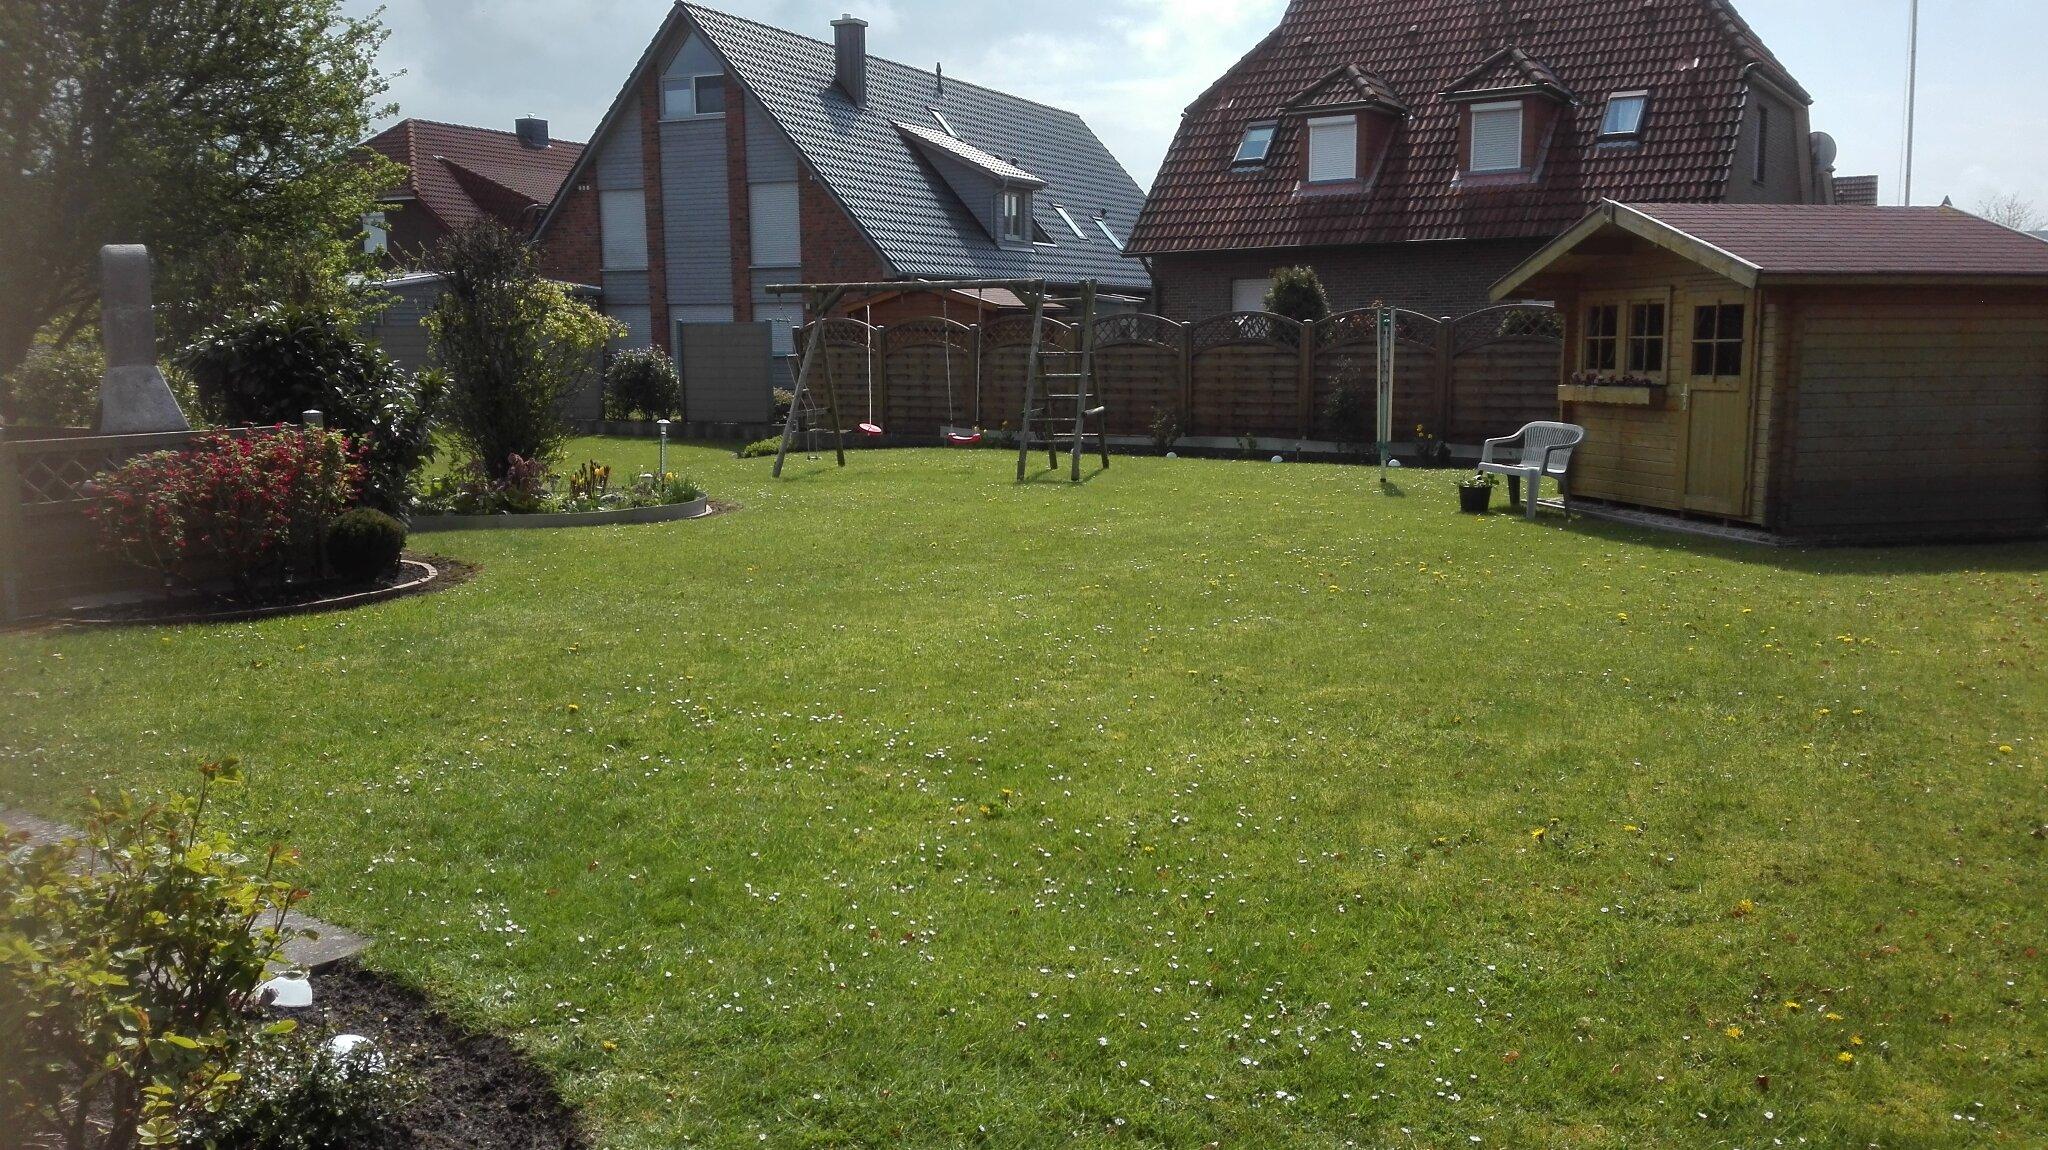 Garten mit Schaukel und Gartenhaus